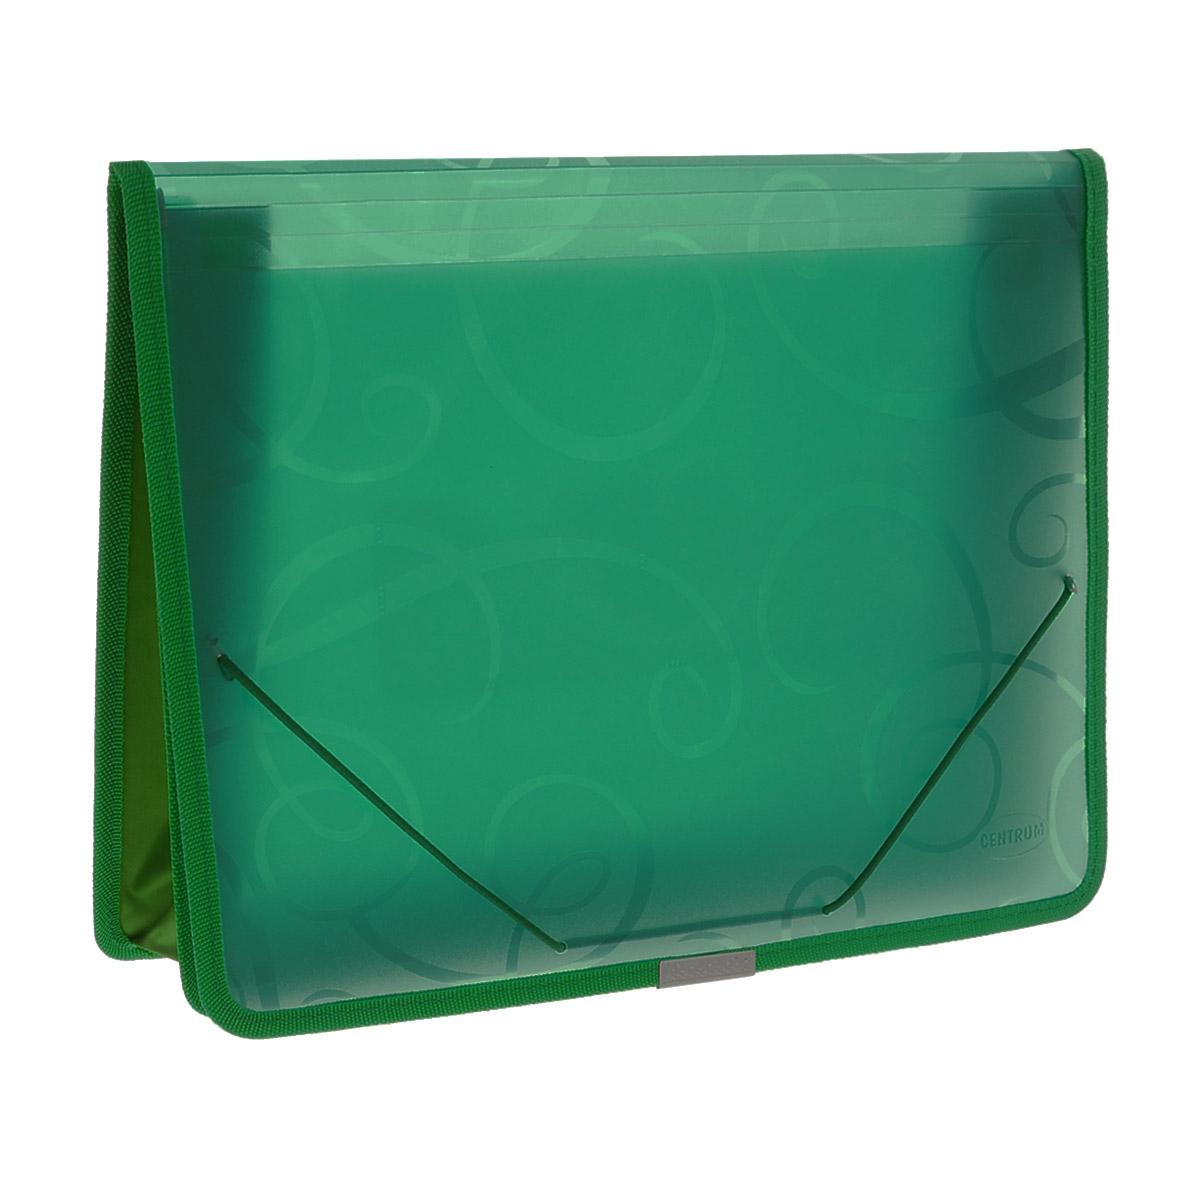 Папка на резинке Centrum, цвет: зеленый, формат А4. 80802611308Папка на резинке Centrum станет вашим верным помощником дома и в офисе. Это удобный и функциональный инструмент, предназначенный для хранения и транспортировки больших объемов рабочих бумаг и документов формата А4.Папка изготовлена из износостойкого высококачественного пластика. Состоит из одного вместительного отделения и дополнена 2 накладными кармашками. Грани папки отделаны полиэстером и металлическим лейблом для дополнительной прочности и сохранности опрятного вида папки.Папка - это незаменимый атрибут для любого студента, школьника или офисного работника. Такая папка надежно сохранит ваши бумаги и сбережет их от повреждений, пыли и влаги.